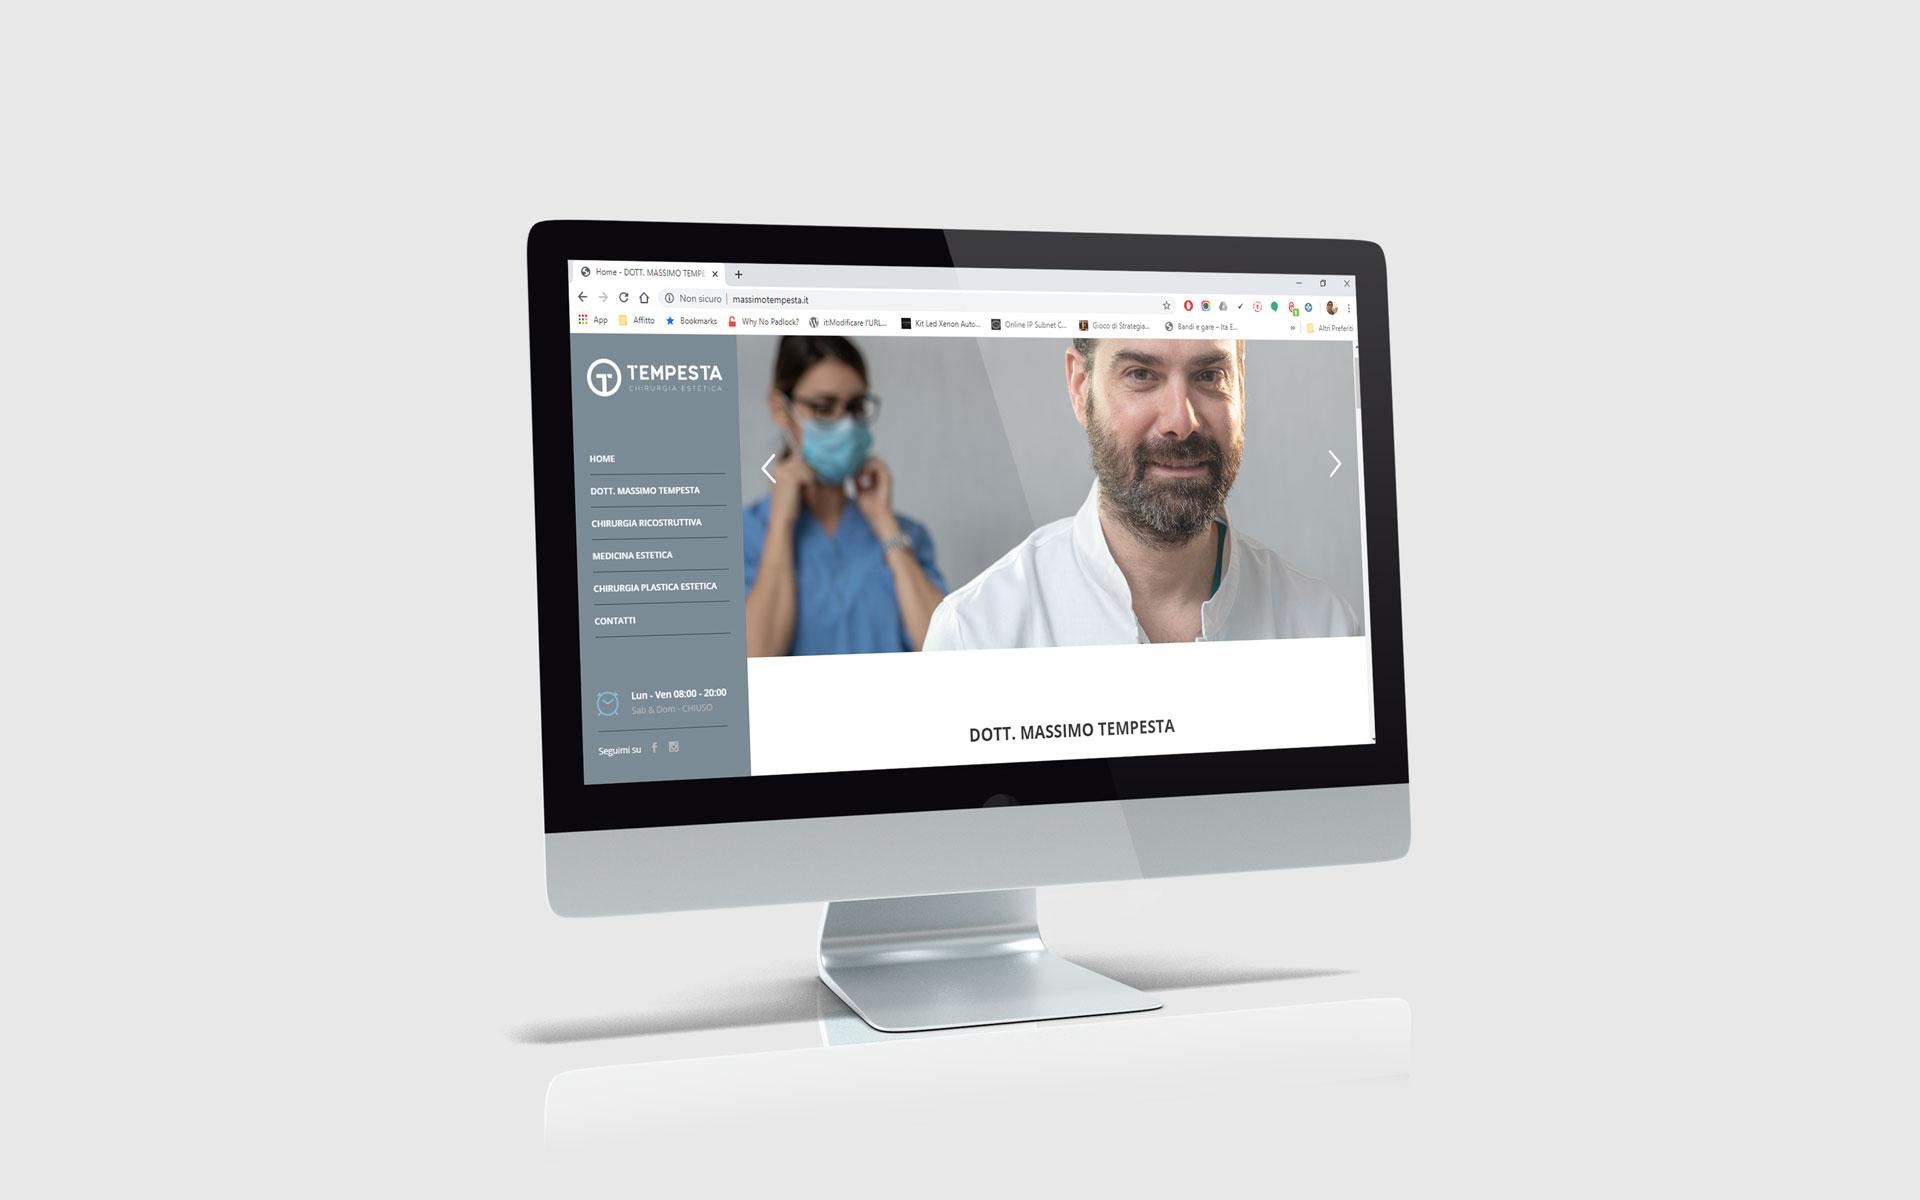 Realizzazione siti web - Dott. Massimo Tempesta